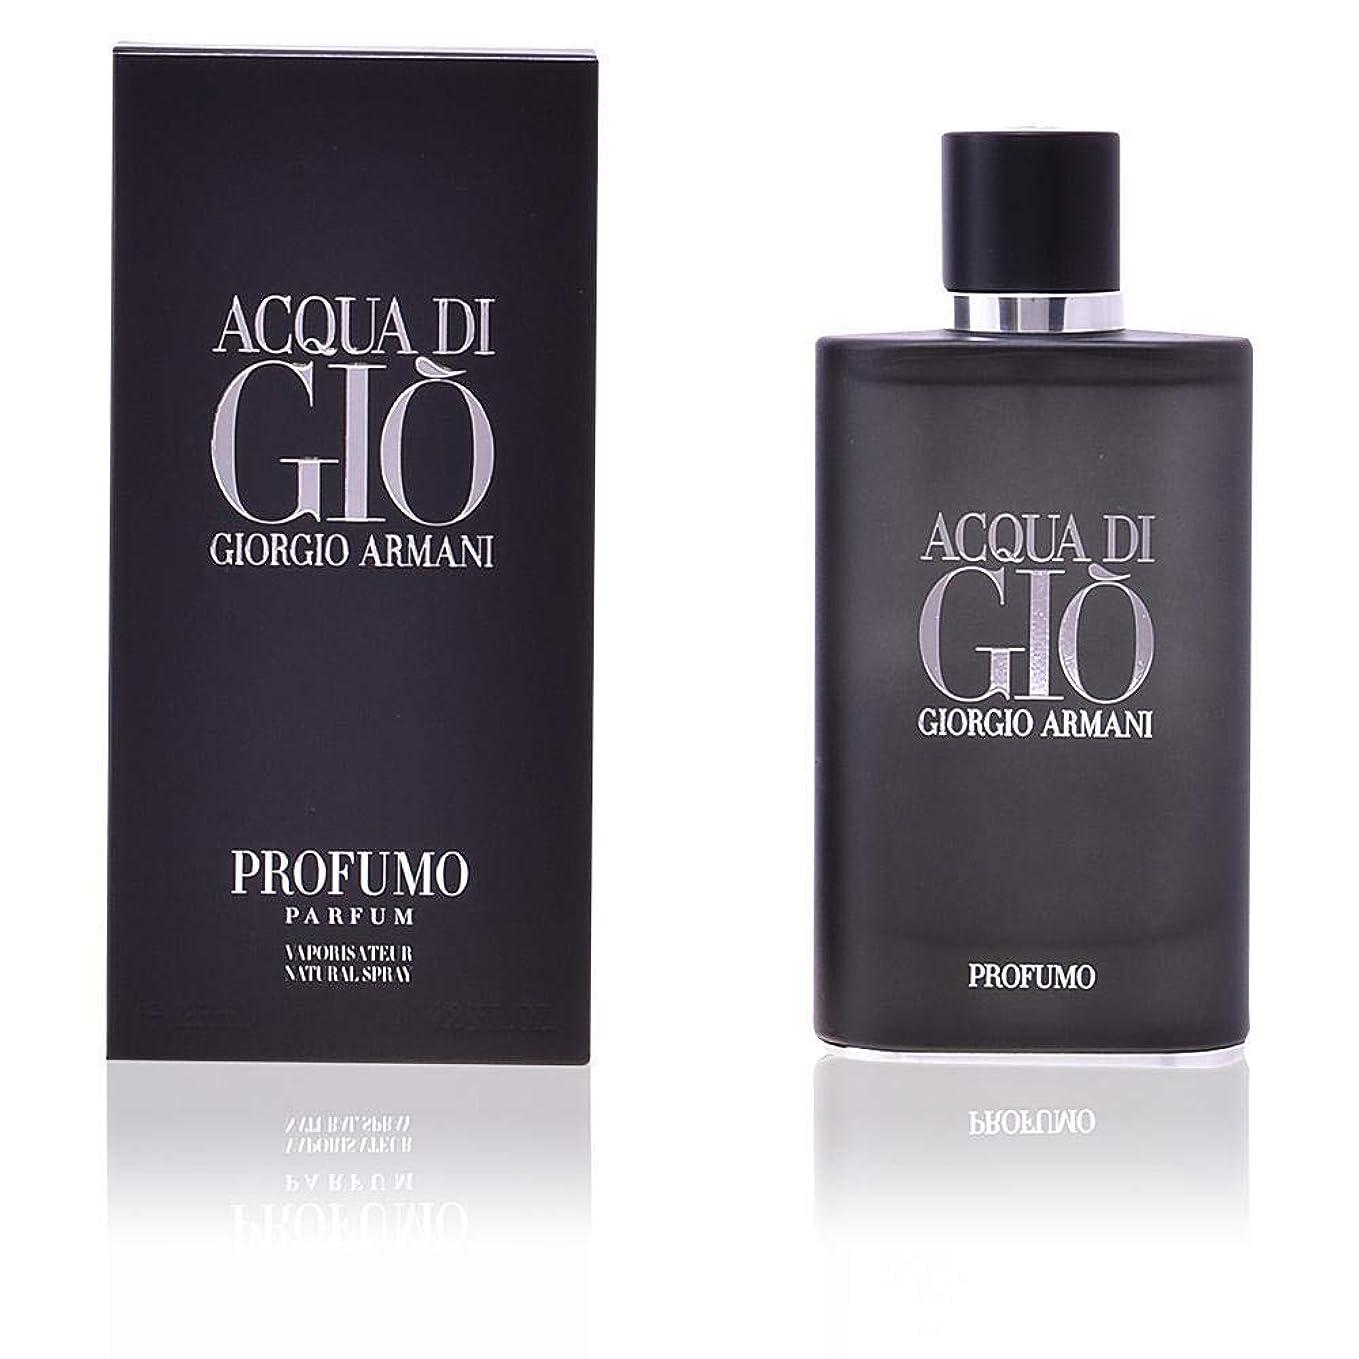 放棄顎人口ジョルジオアルマーニ Acqua Di Gio Profumo Parfum Spray 75ml [海外直送品]